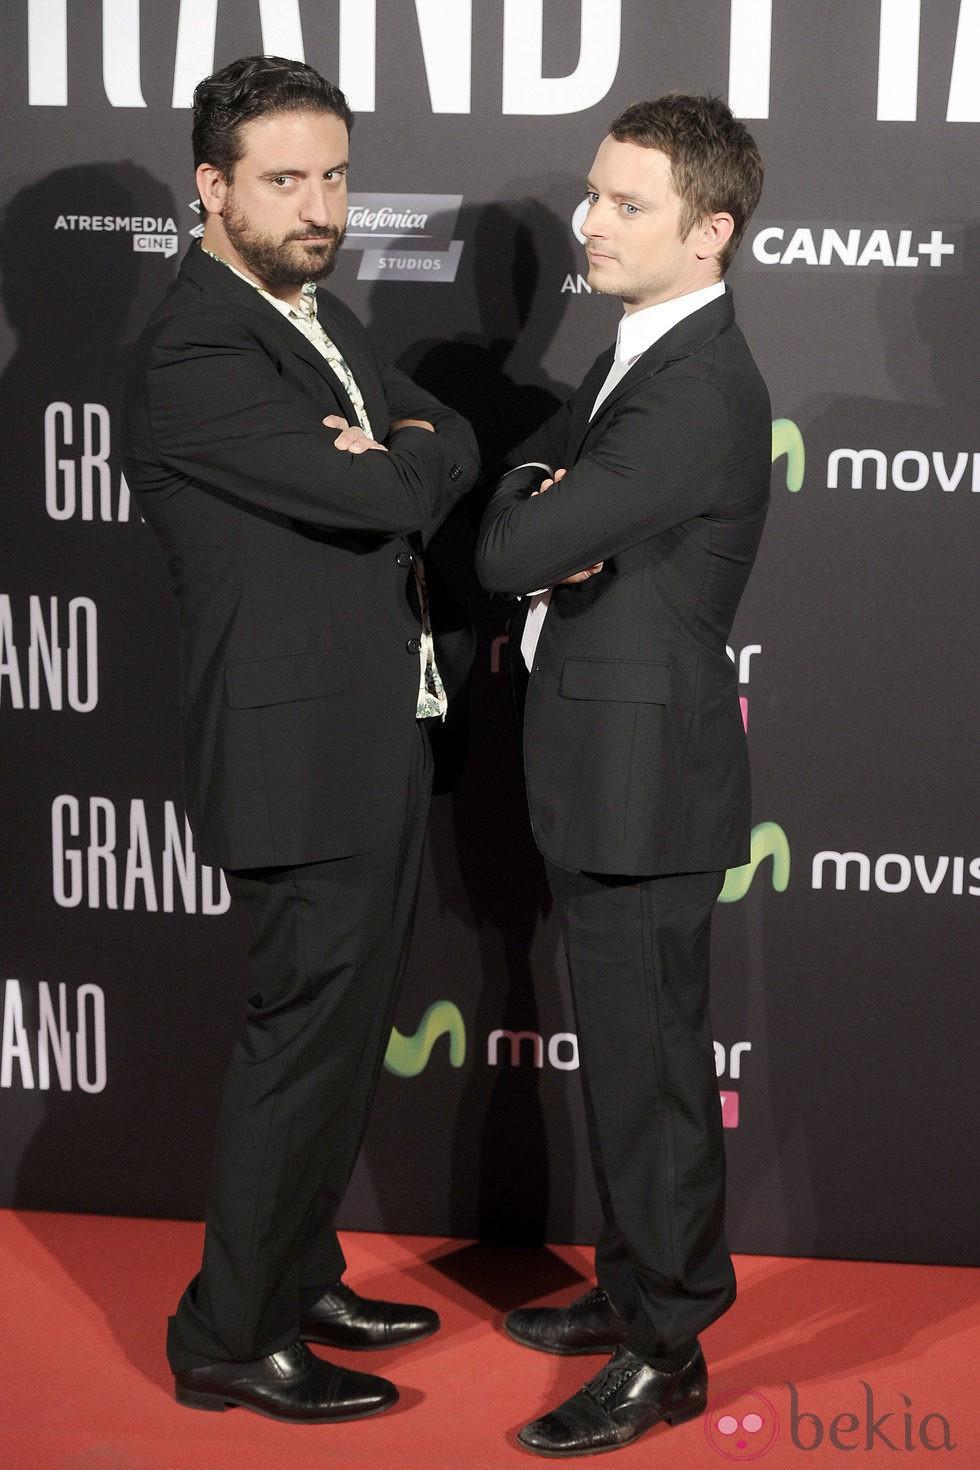 Eugenio Mira y Elijah Wood en el estreno de 'Grand Piano' en Madrid